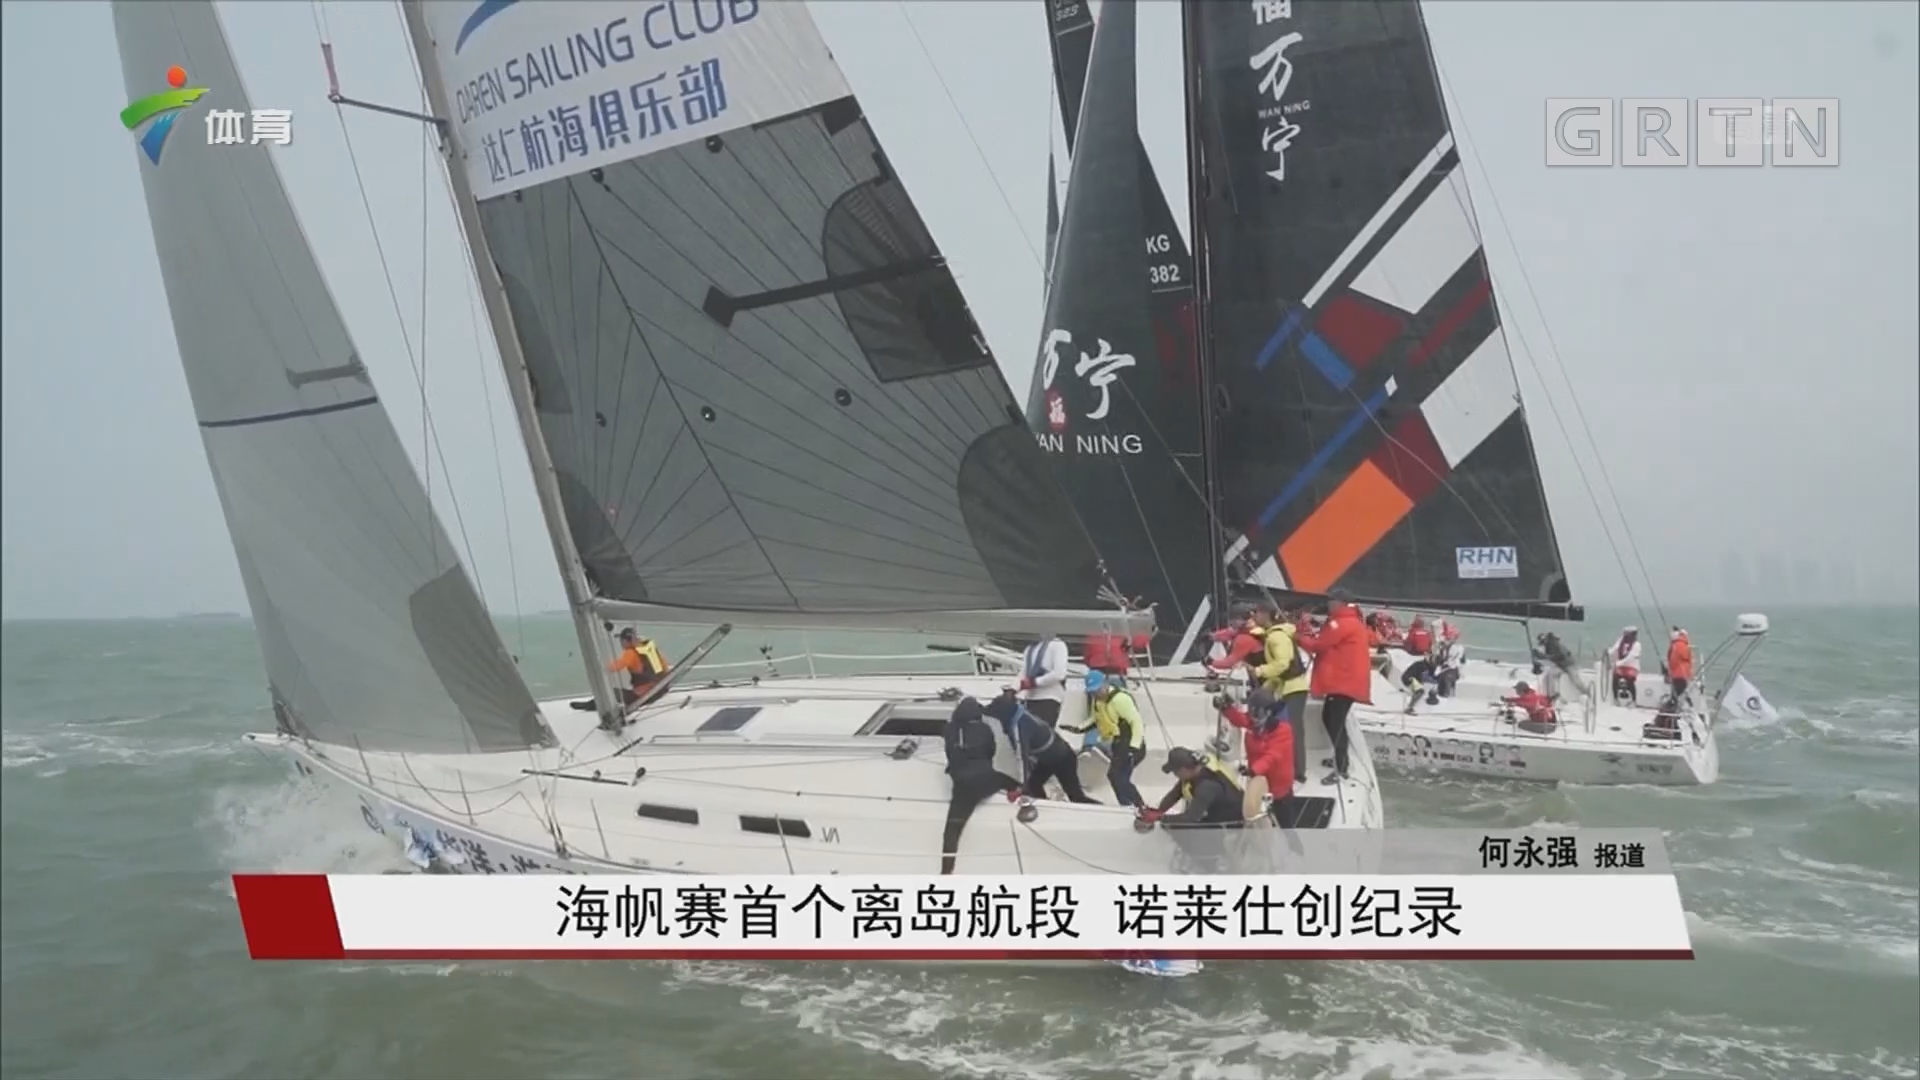 海帆赛首个离岛航段 诺莱仕创纪录